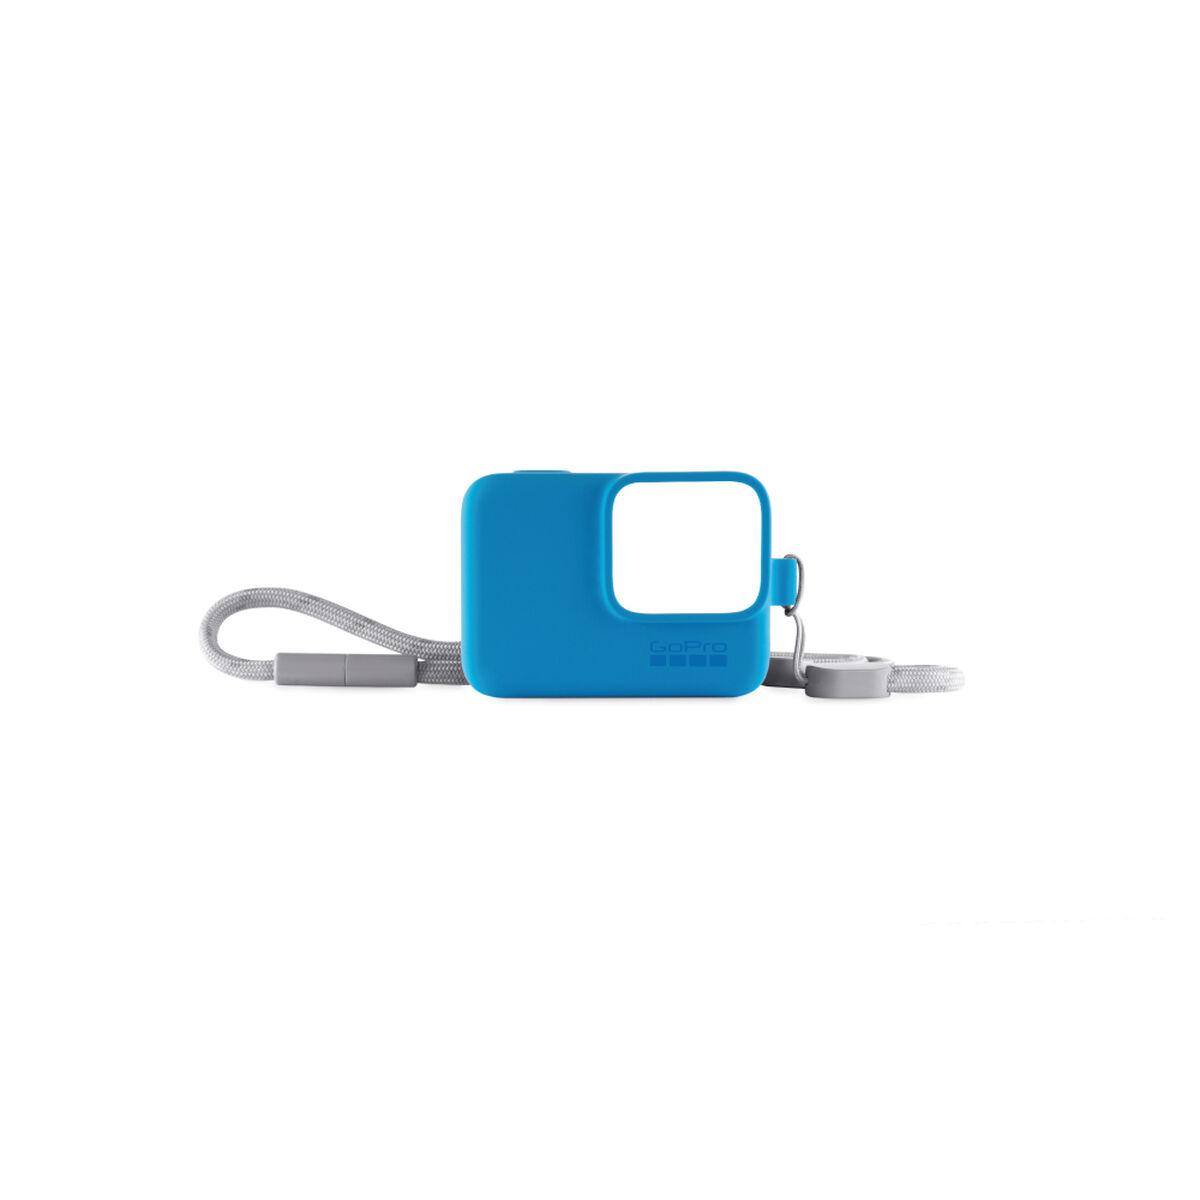 Funda de Silicona + Cordón Azul para GoPro HERO7